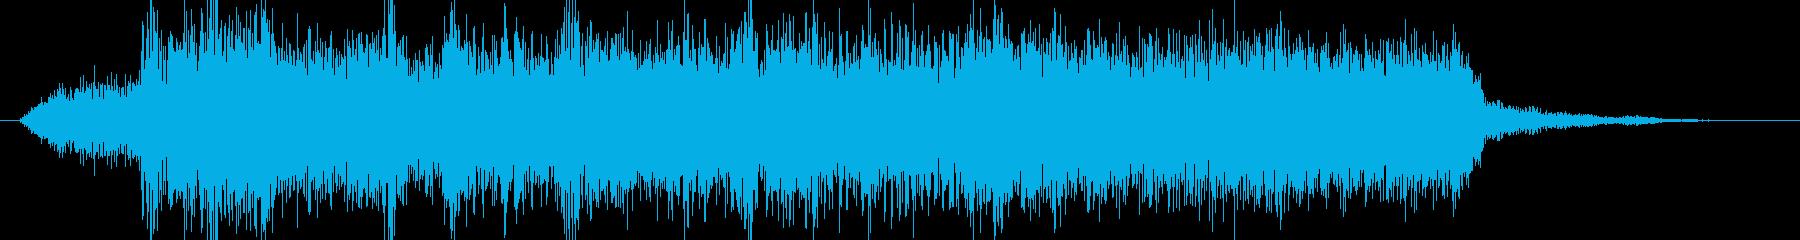 高音質♪ロックアップジングルの再生済みの波形